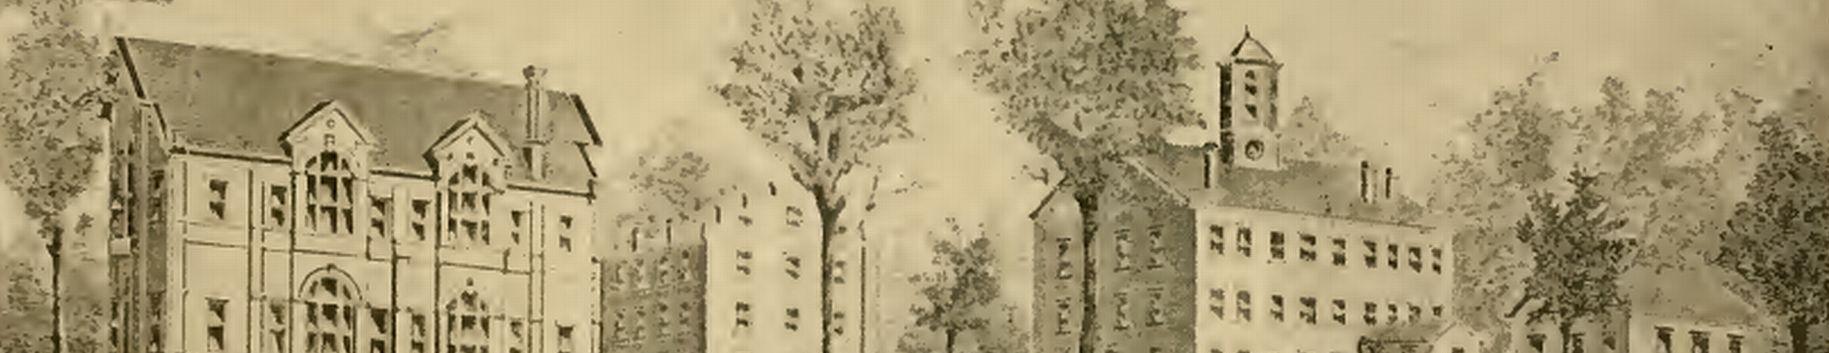 Ohio University Main Campus 1800s